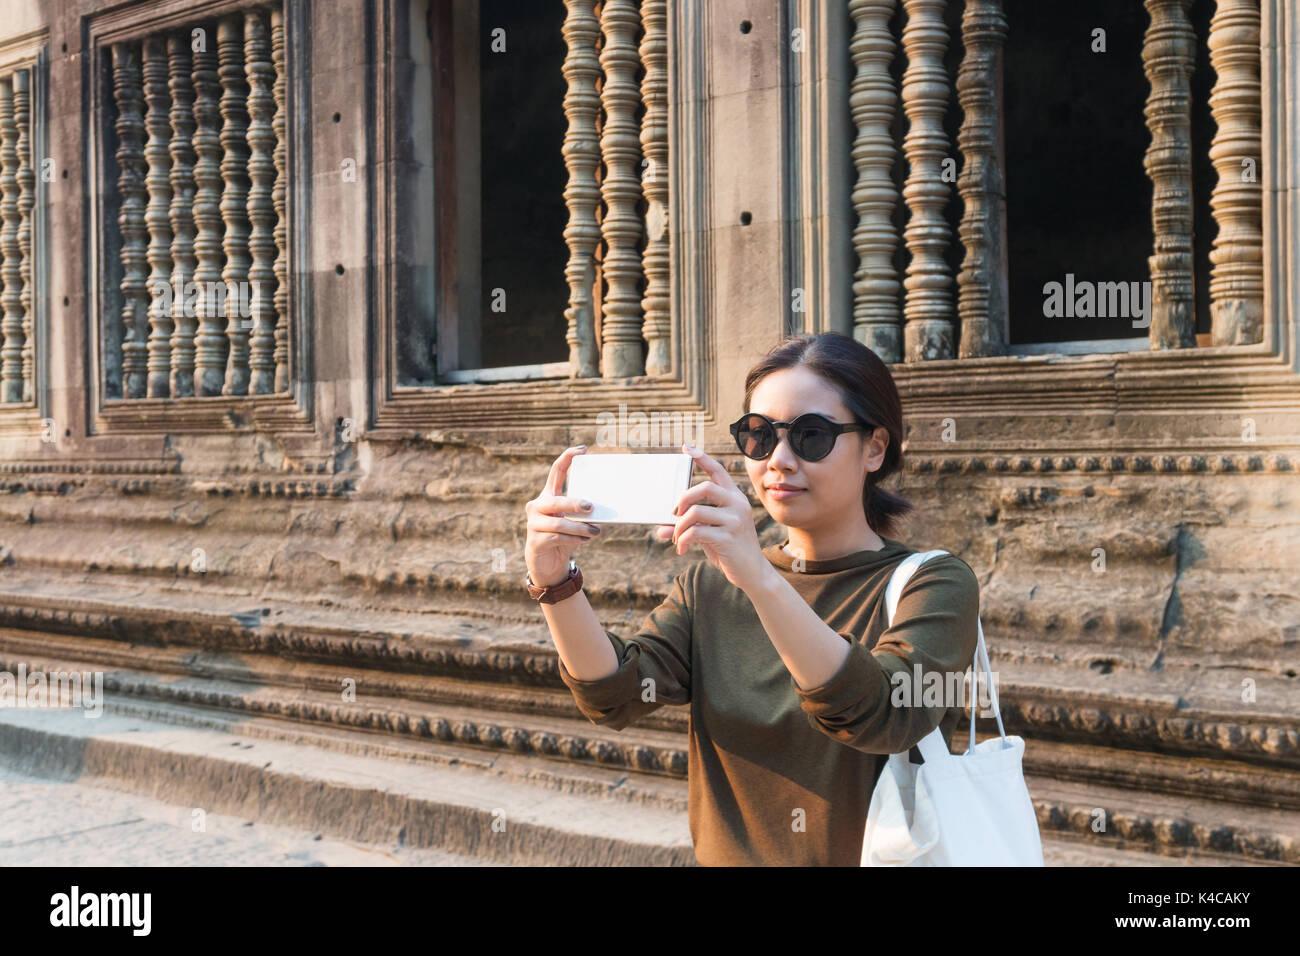 Viaggiatori femmina prendendo foto con il suo smartphone in Angkor Wat siem reap Cambogia Immagini Stock